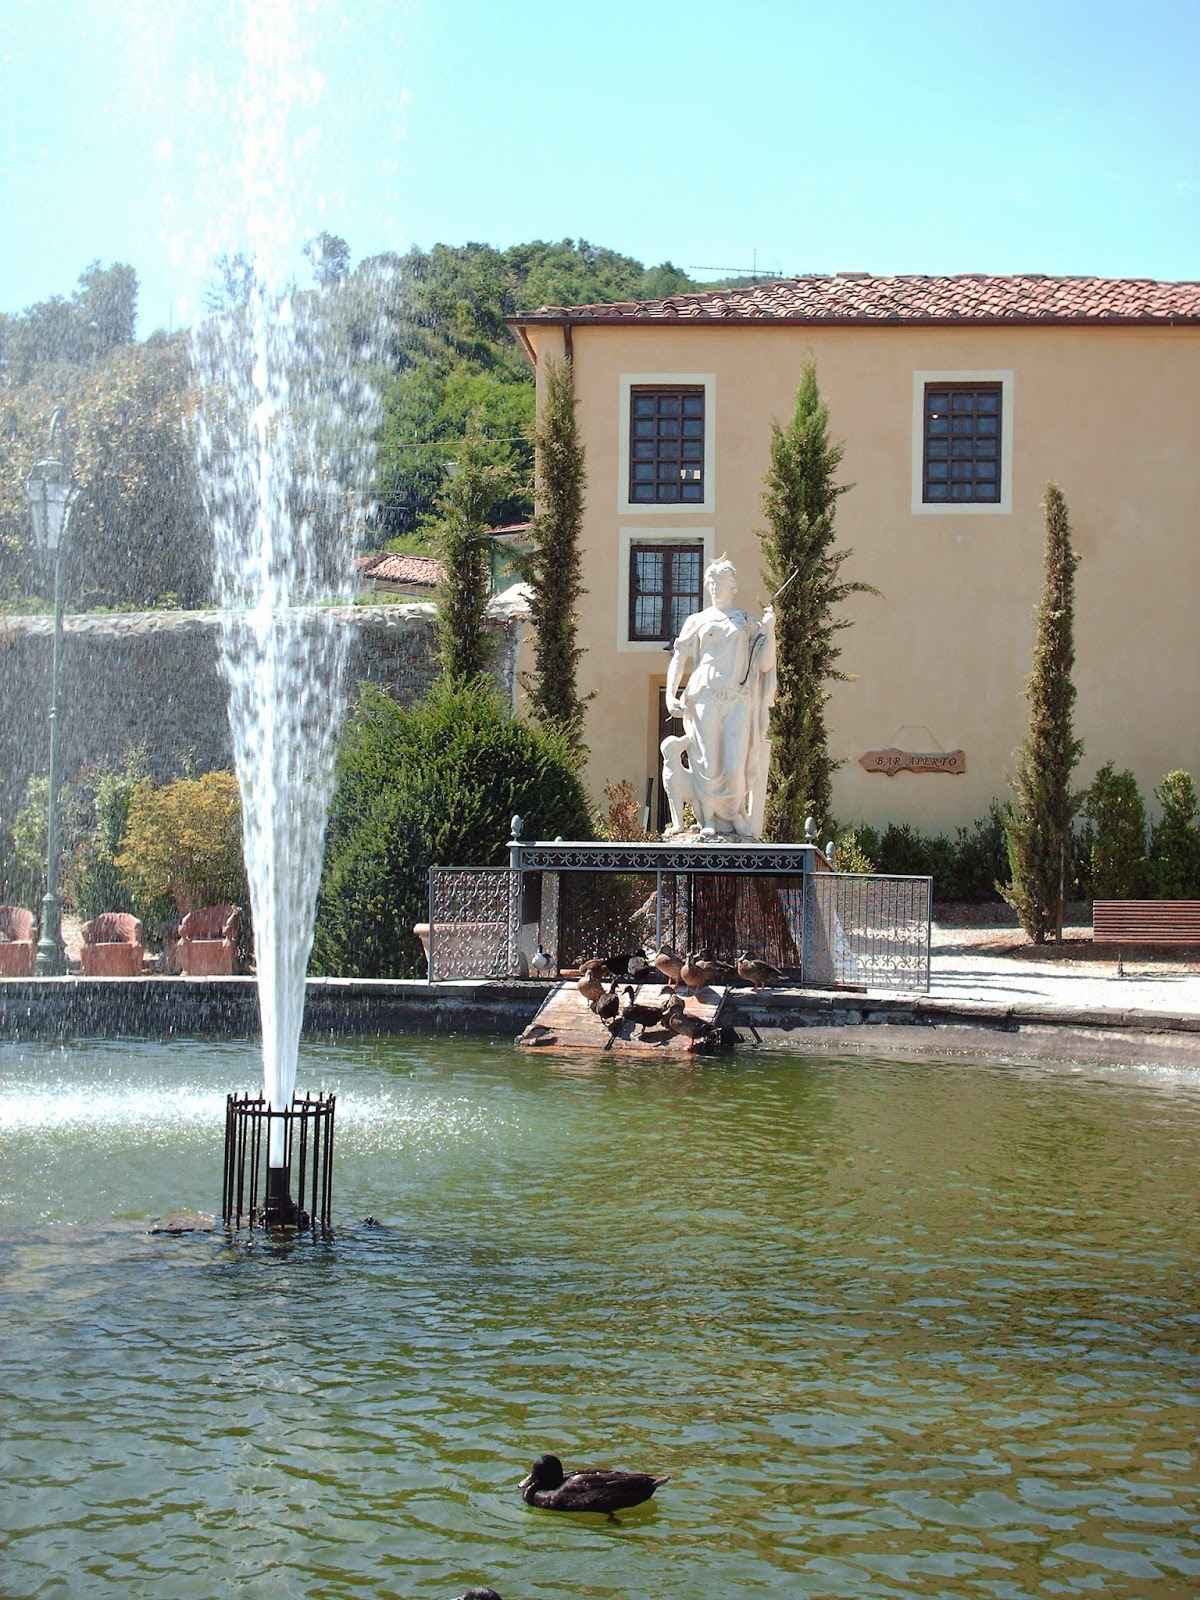 Alla scoperta delle meraviglie della Toscana: i giardini di Villa Garzoni a Collodi